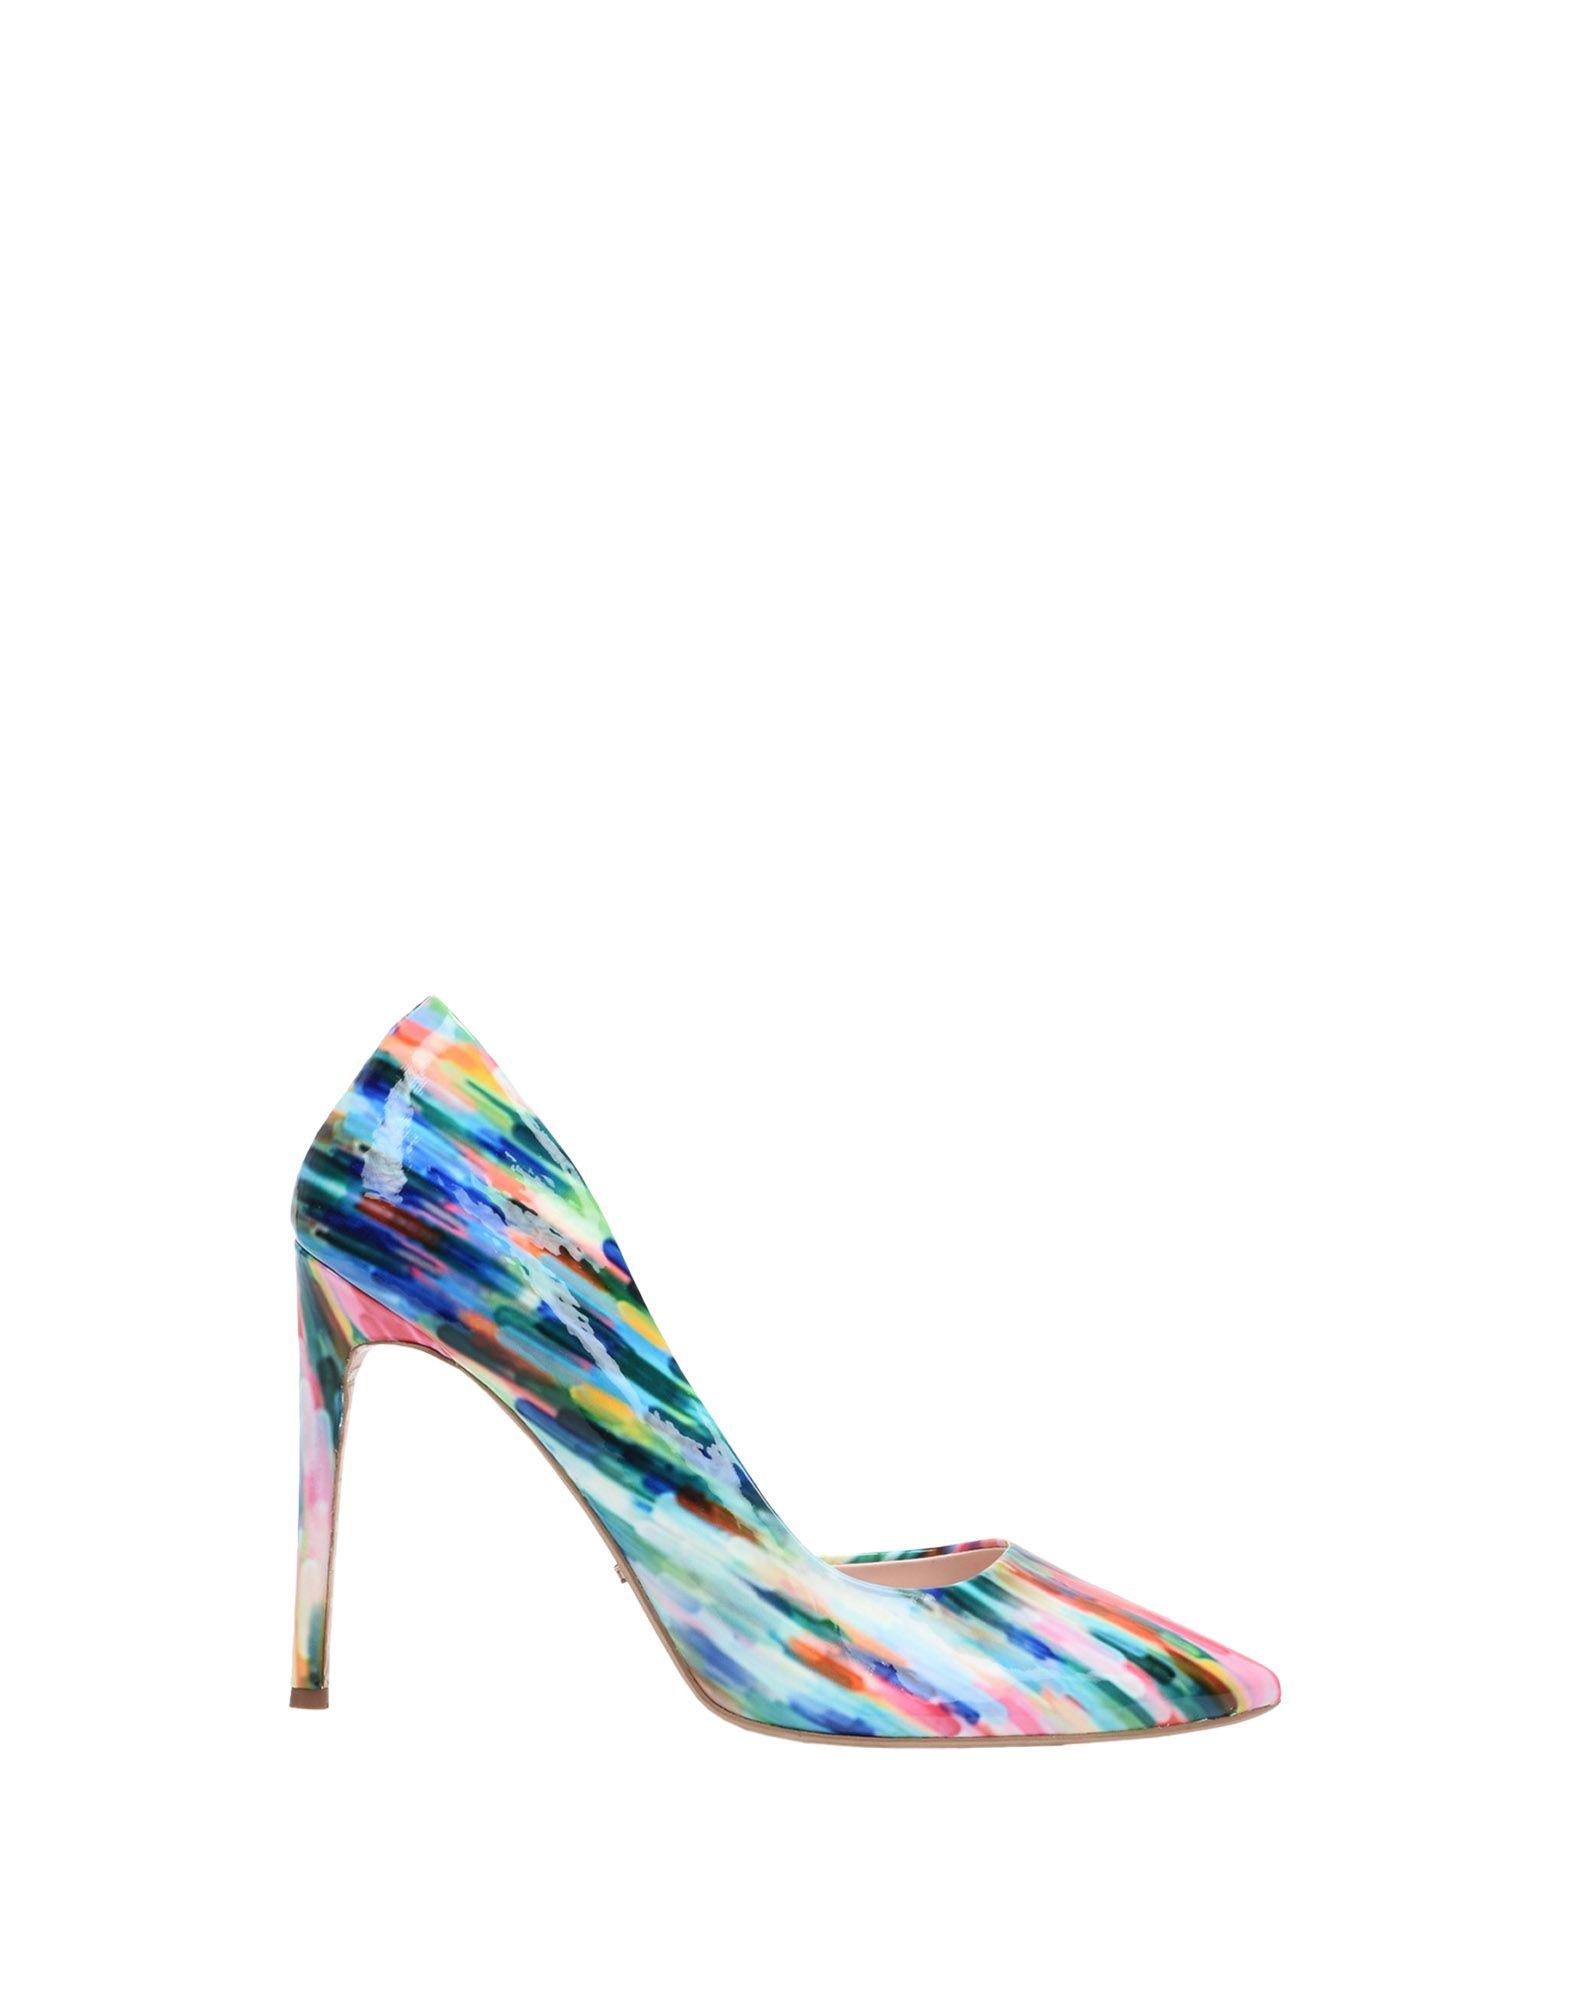 Dune 11476677WX London Pumps Damen  11476677WX Dune Gute Qualität beliebte Schuhe 400777